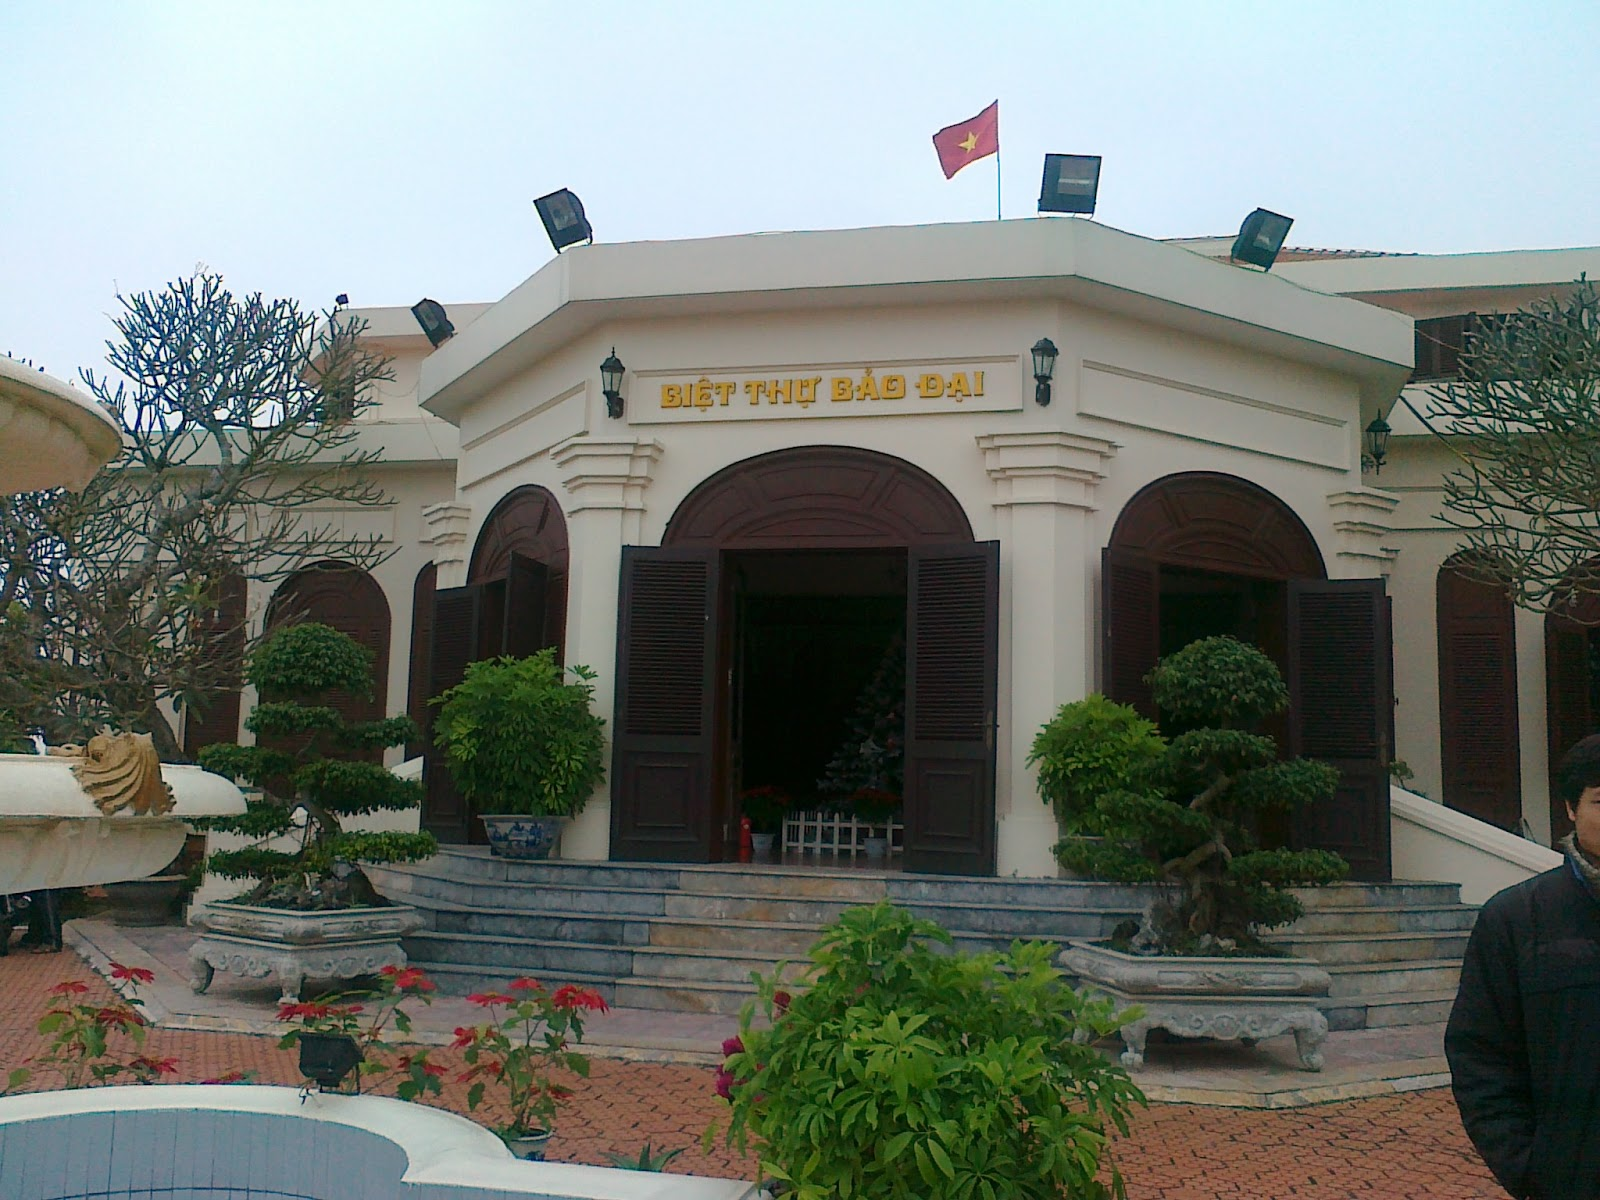 Biệt thự Bảo Đại ở Đồ Sơn